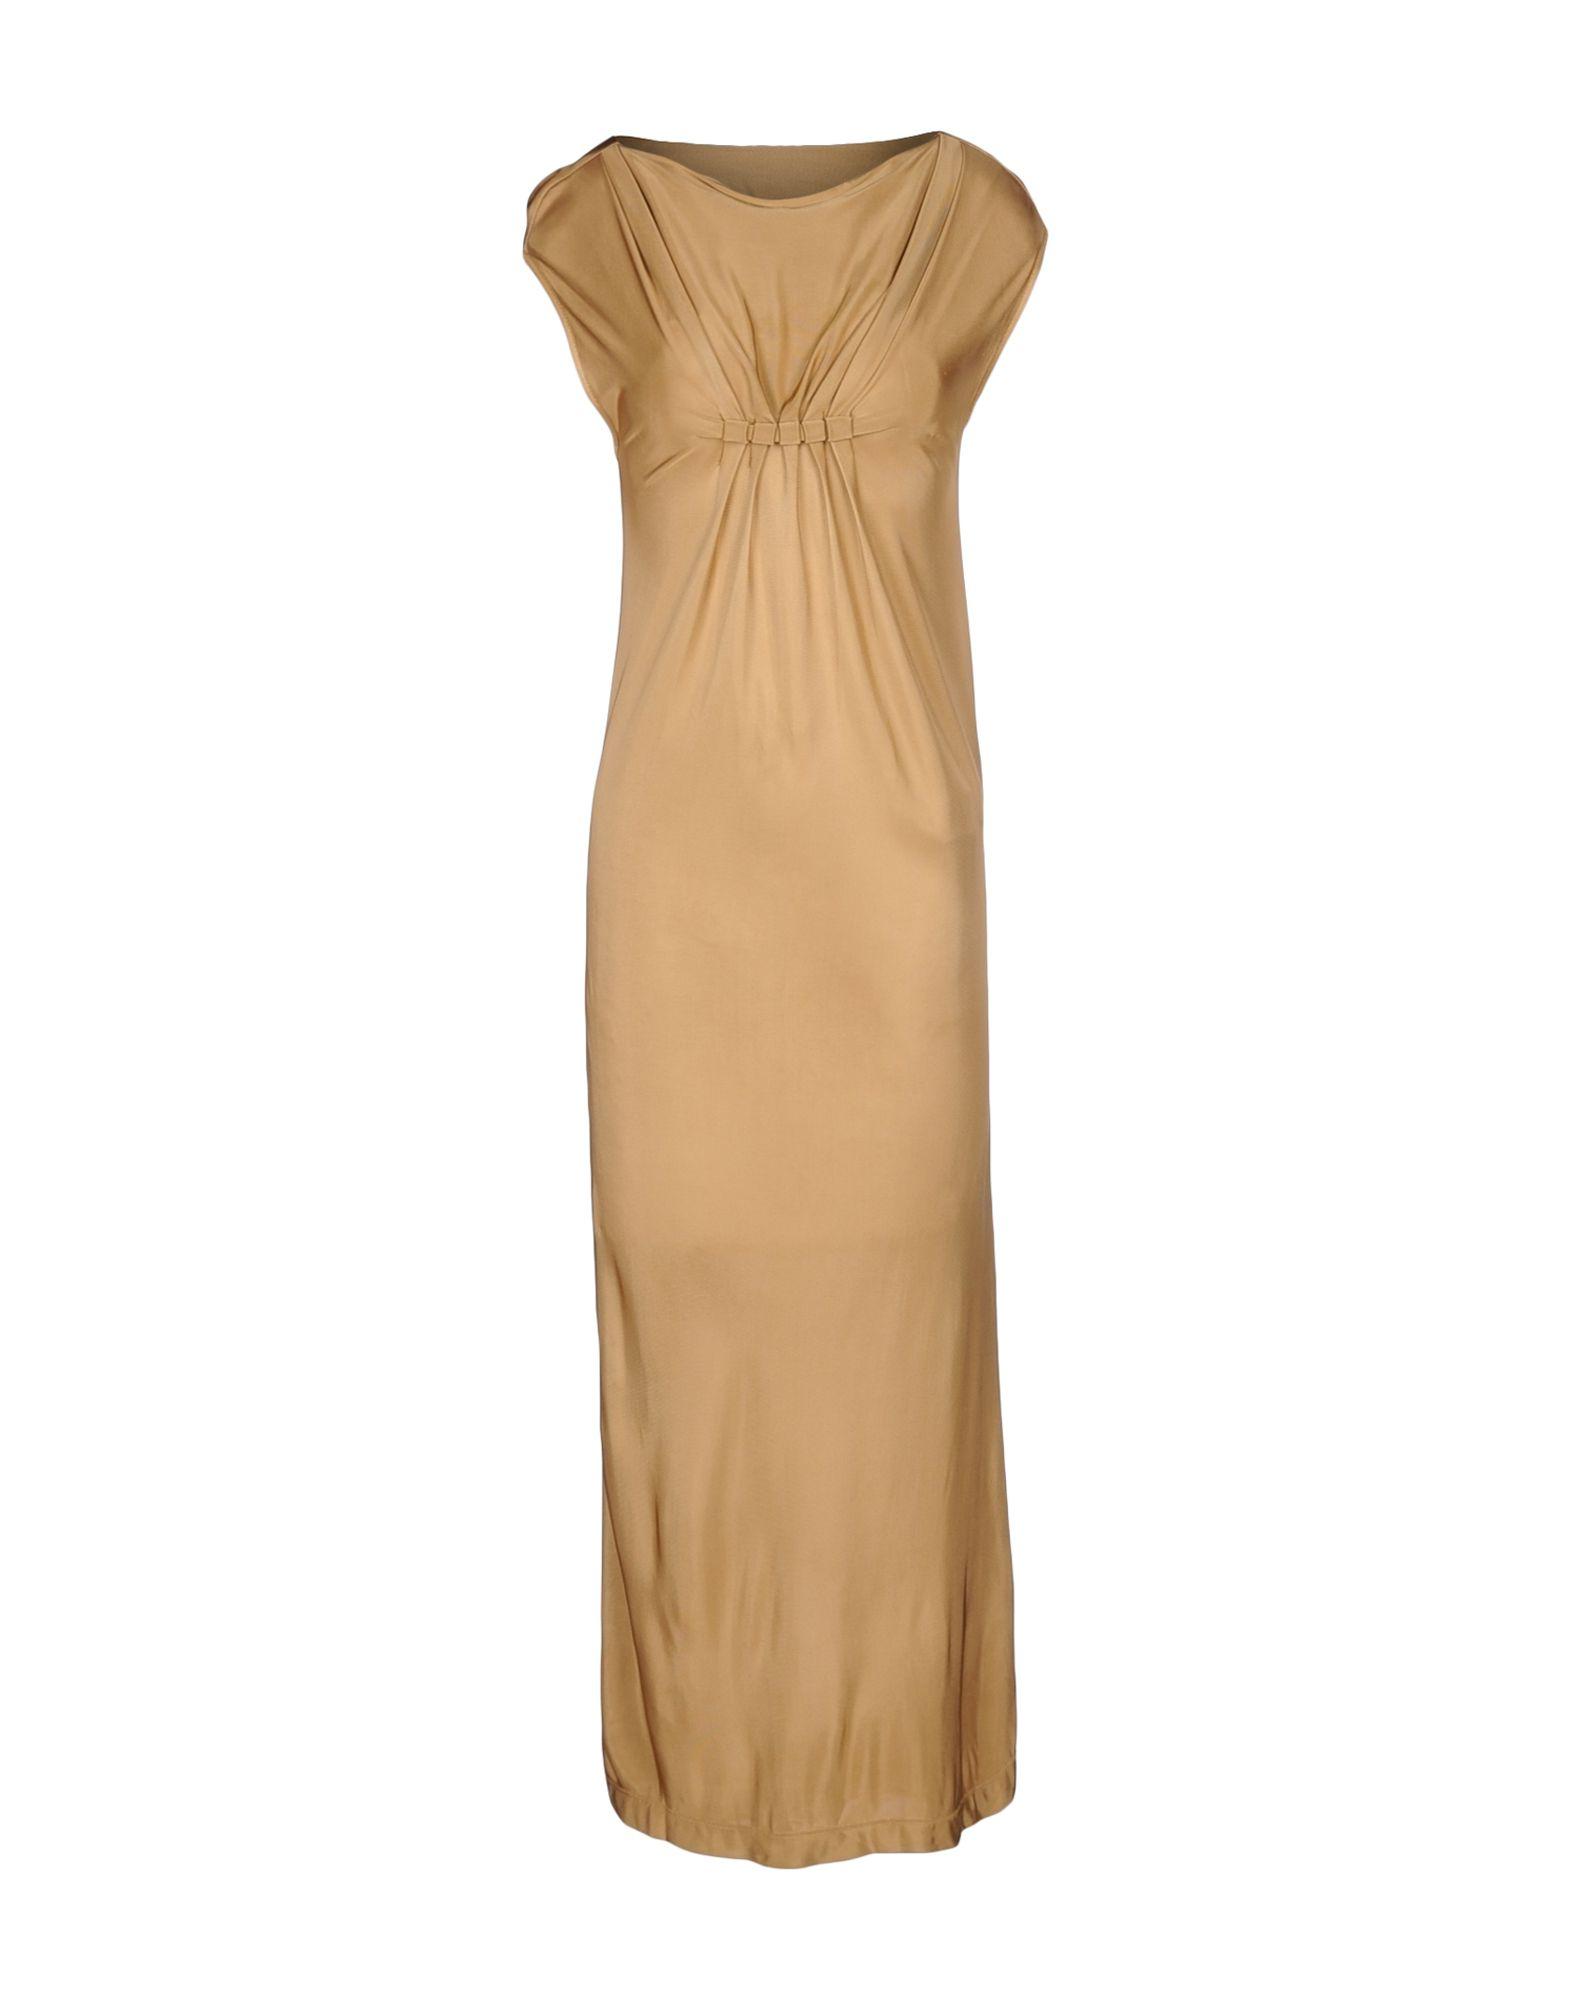 PLEIN SUD PAR FAYҪAL AMOR Платье длиной 3/4 cacharel туалетная вода женская amor amor l eau 50 мл os